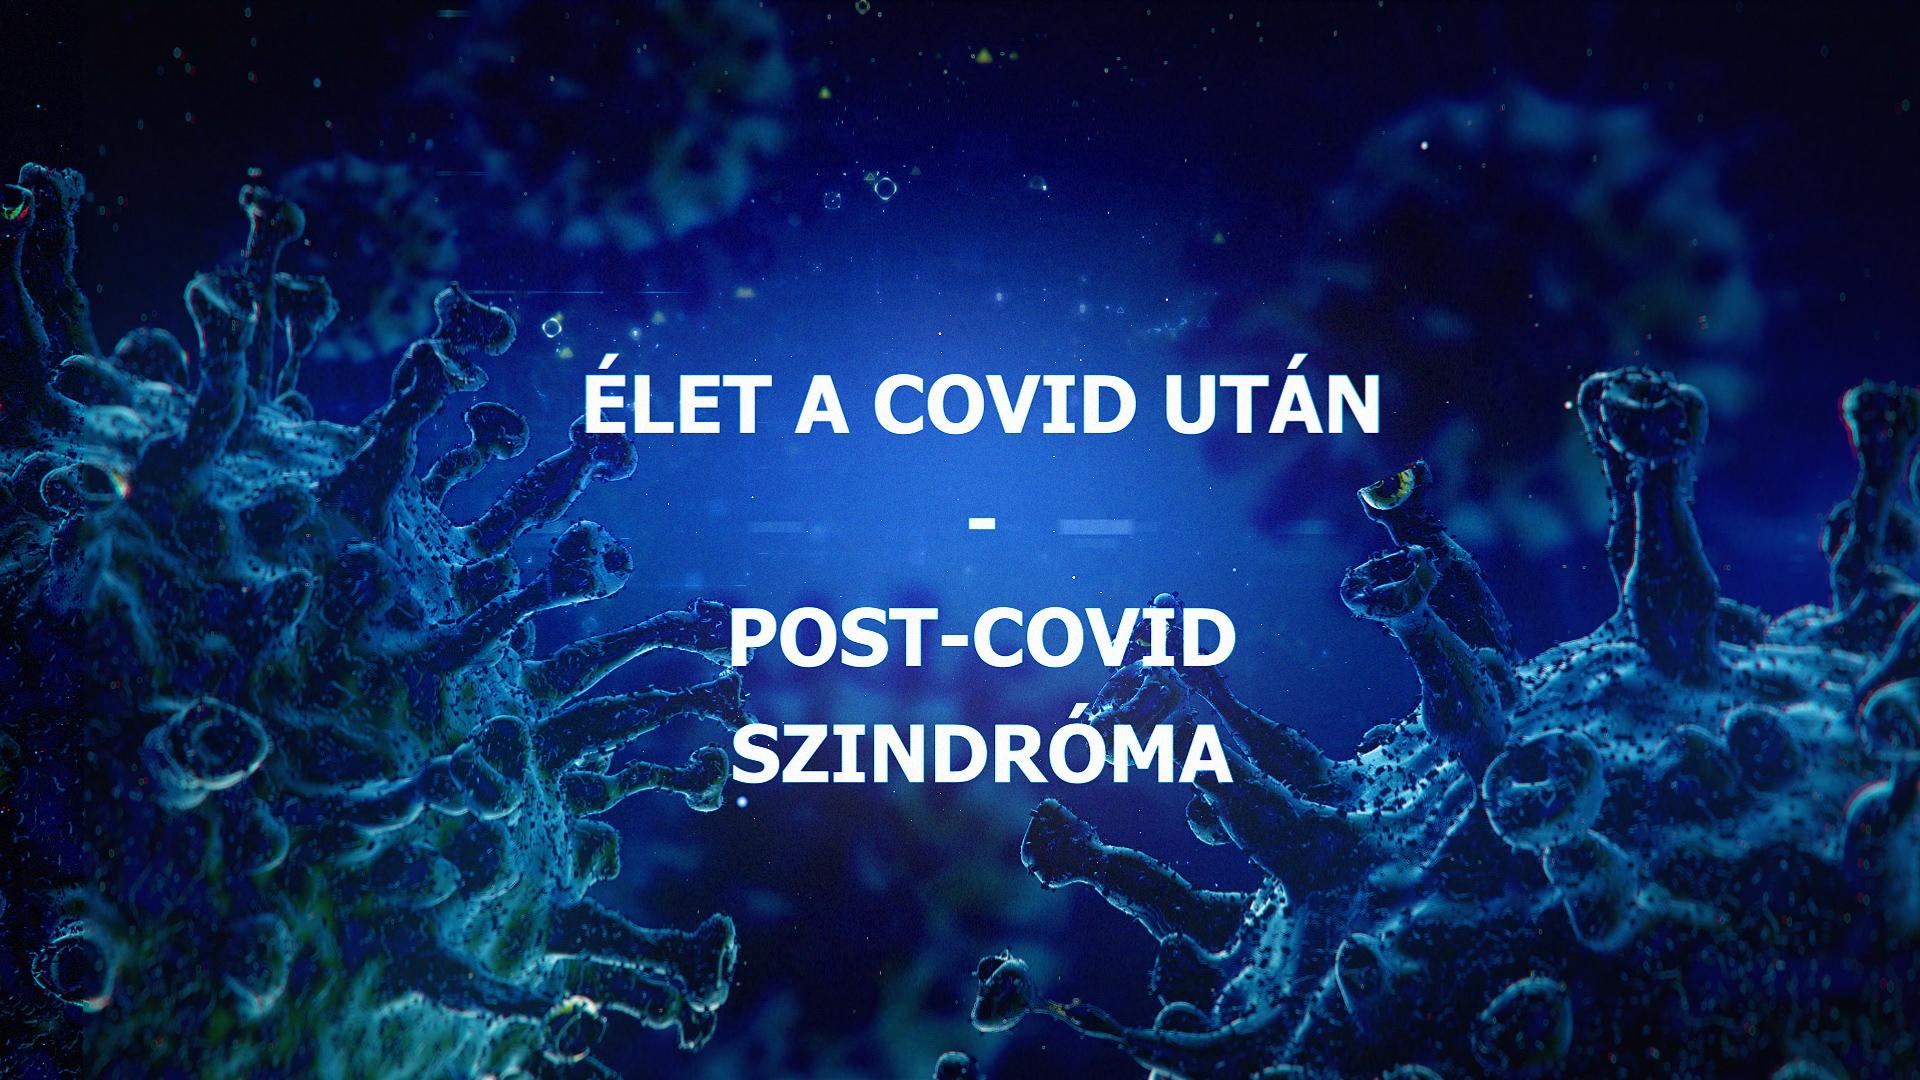 Élet a covid után - post-covid szindróma